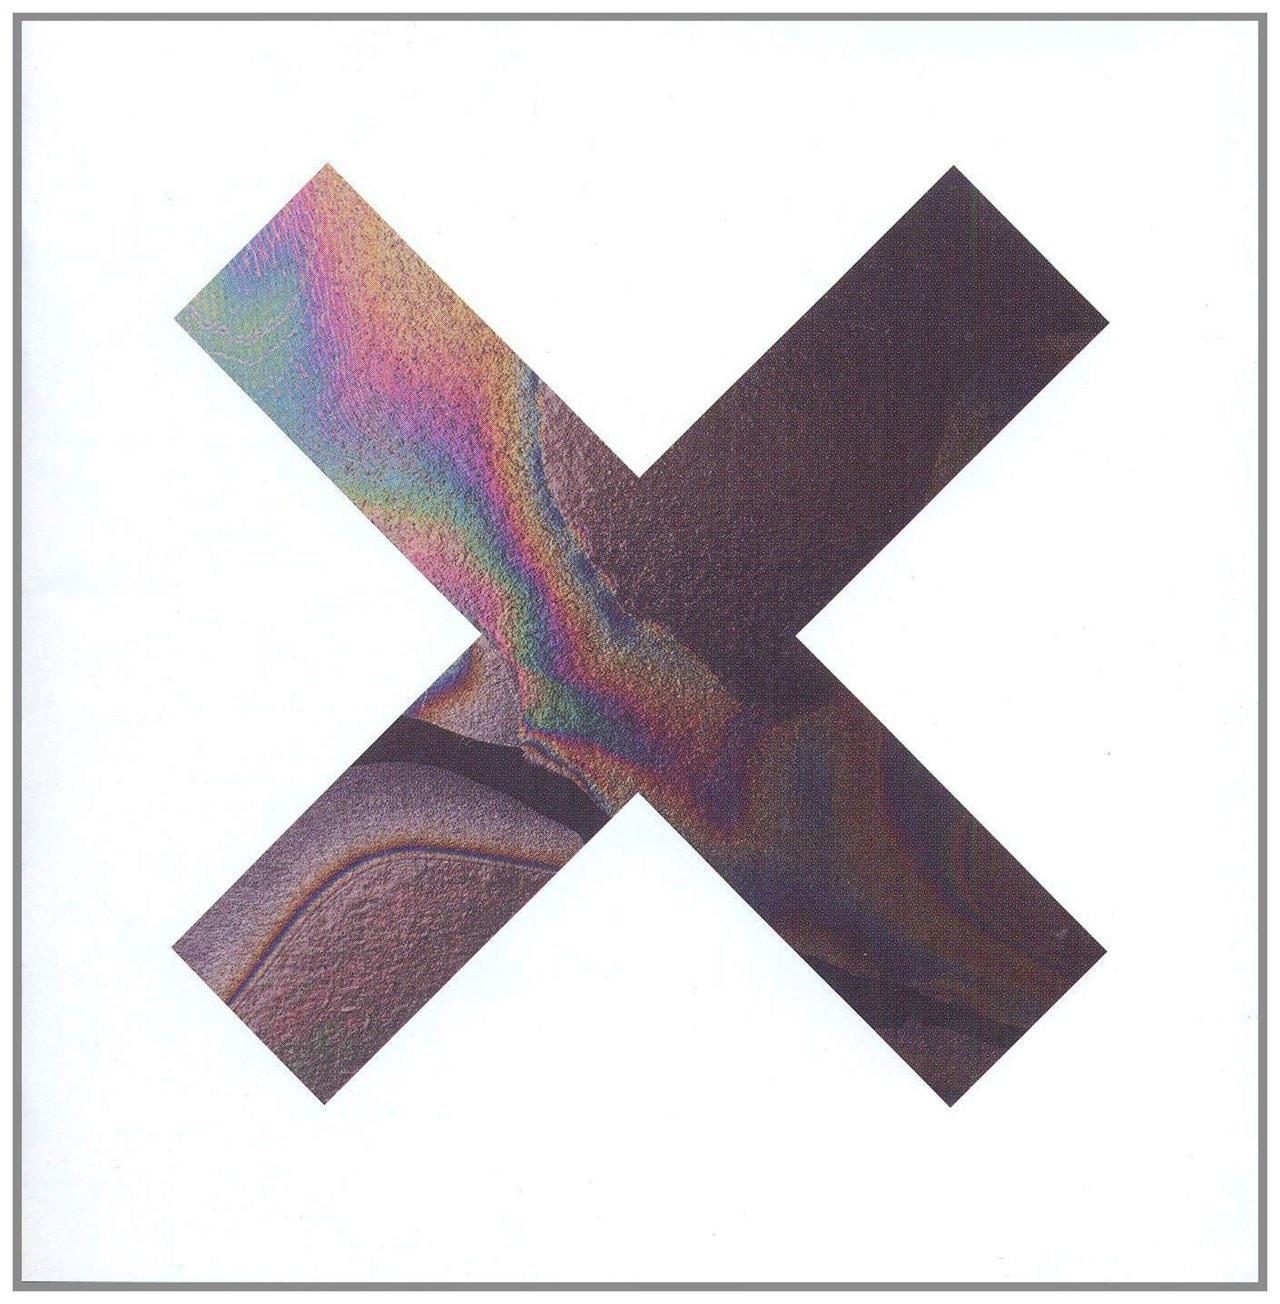 Coexist - 1